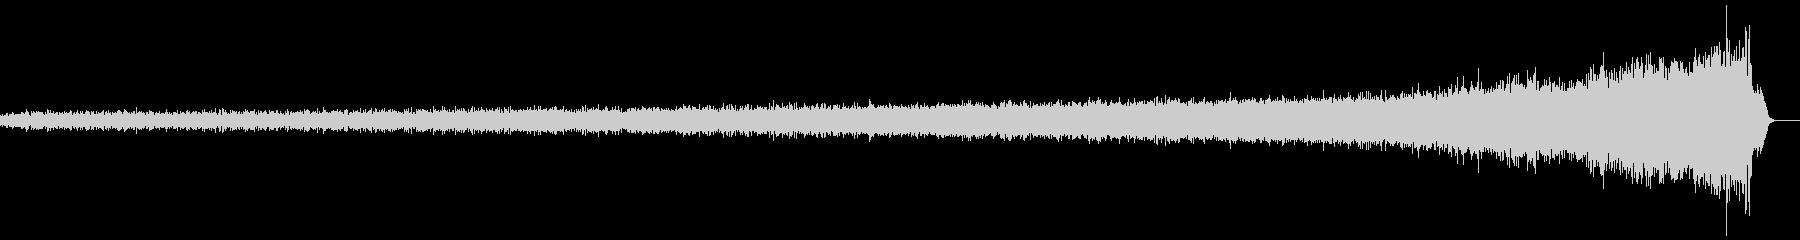 不安を煽るノイズAの未再生の波形